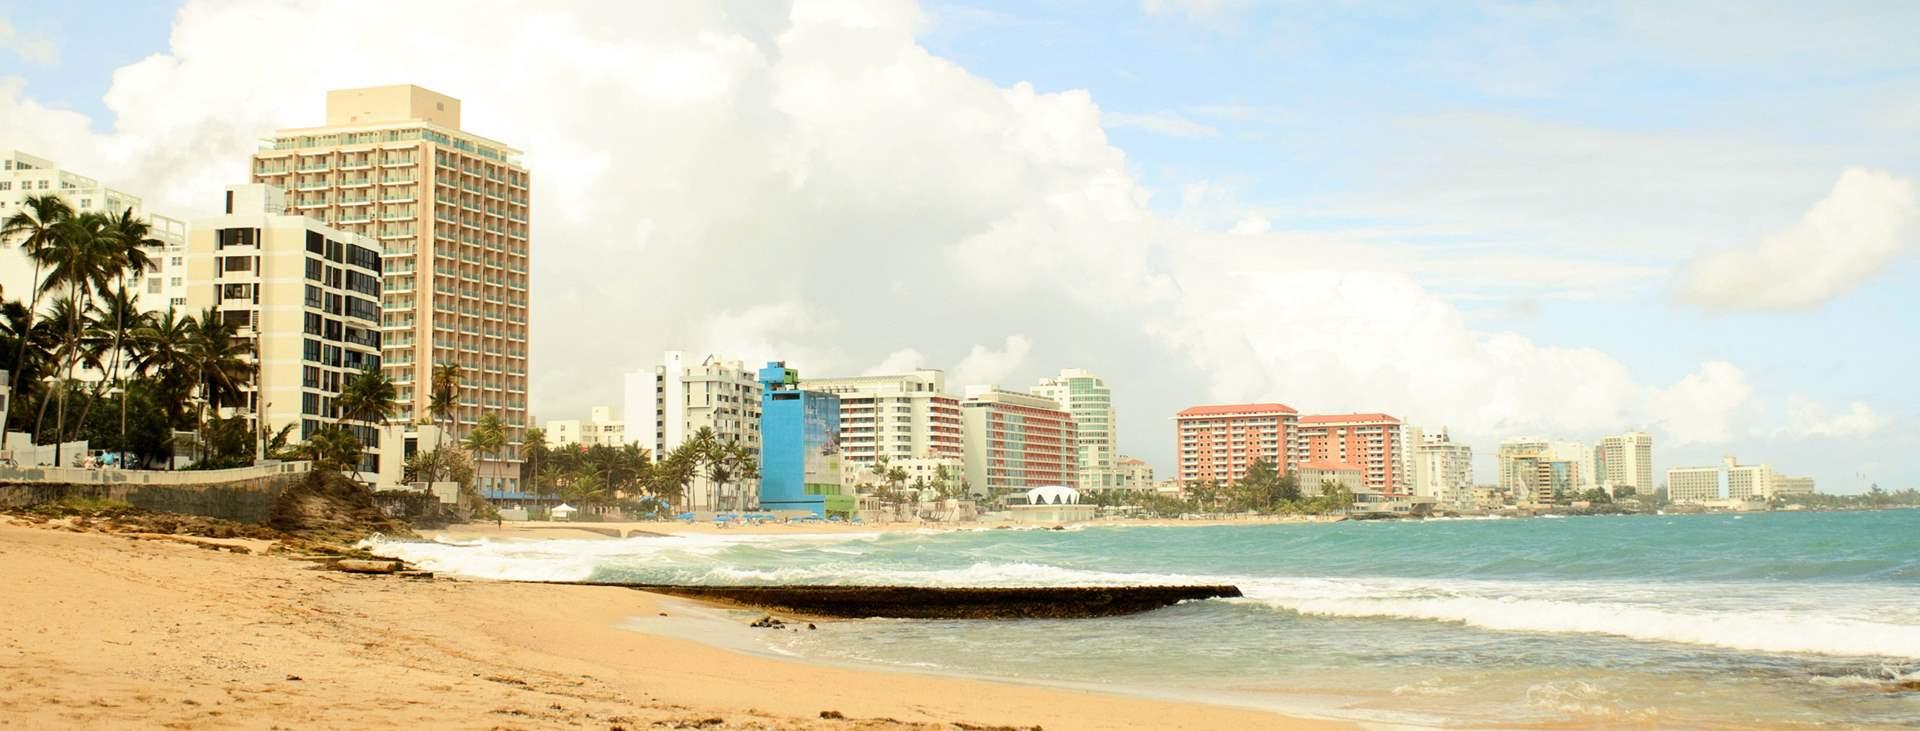 Resor till Puerto Rico